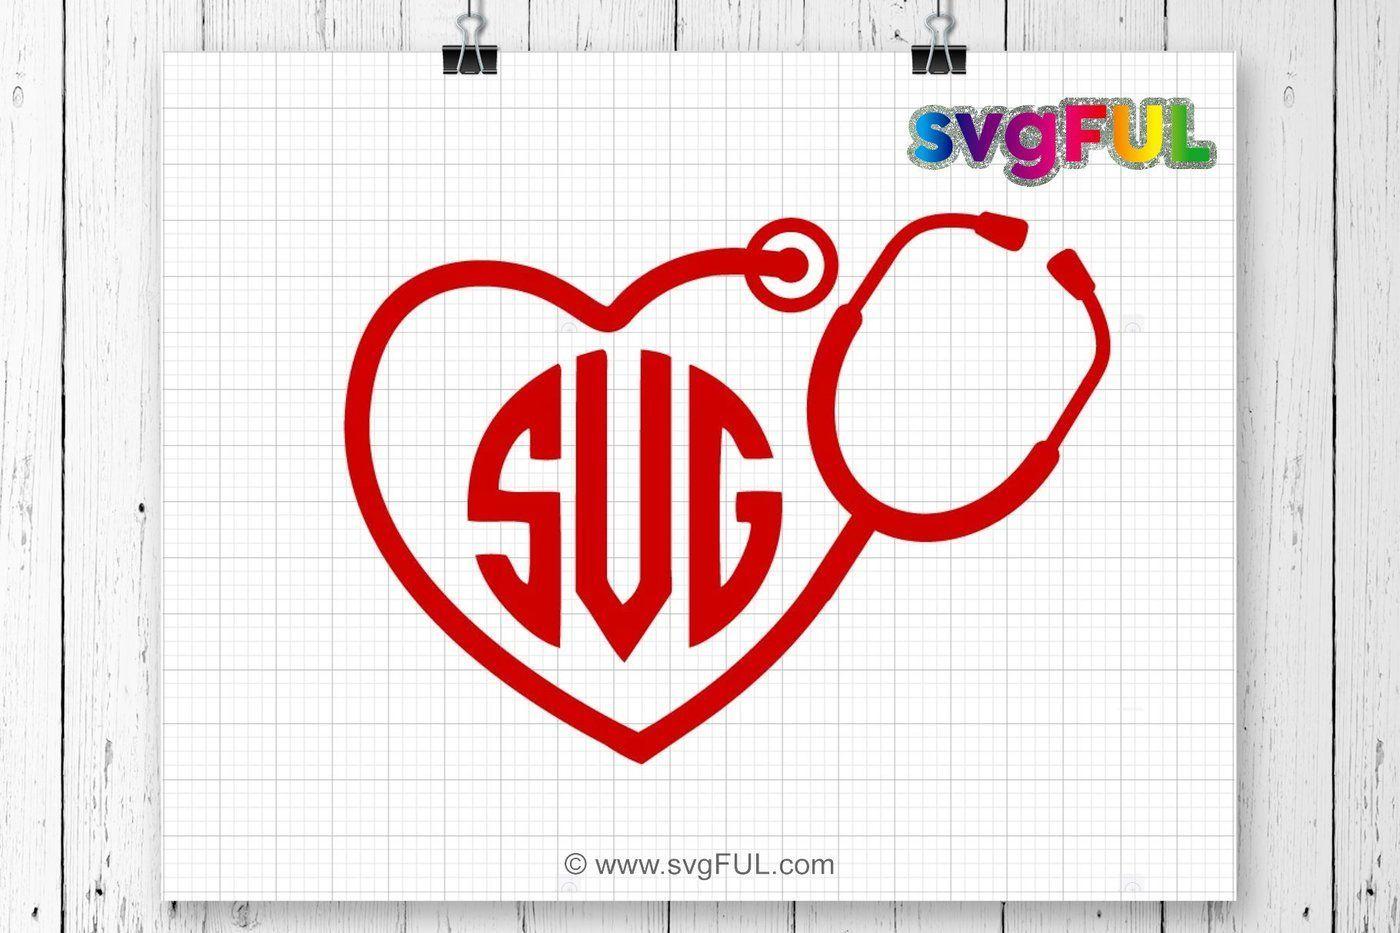 Heart Monogram Stethoscope Svg, Stethoscope Svg, Heart